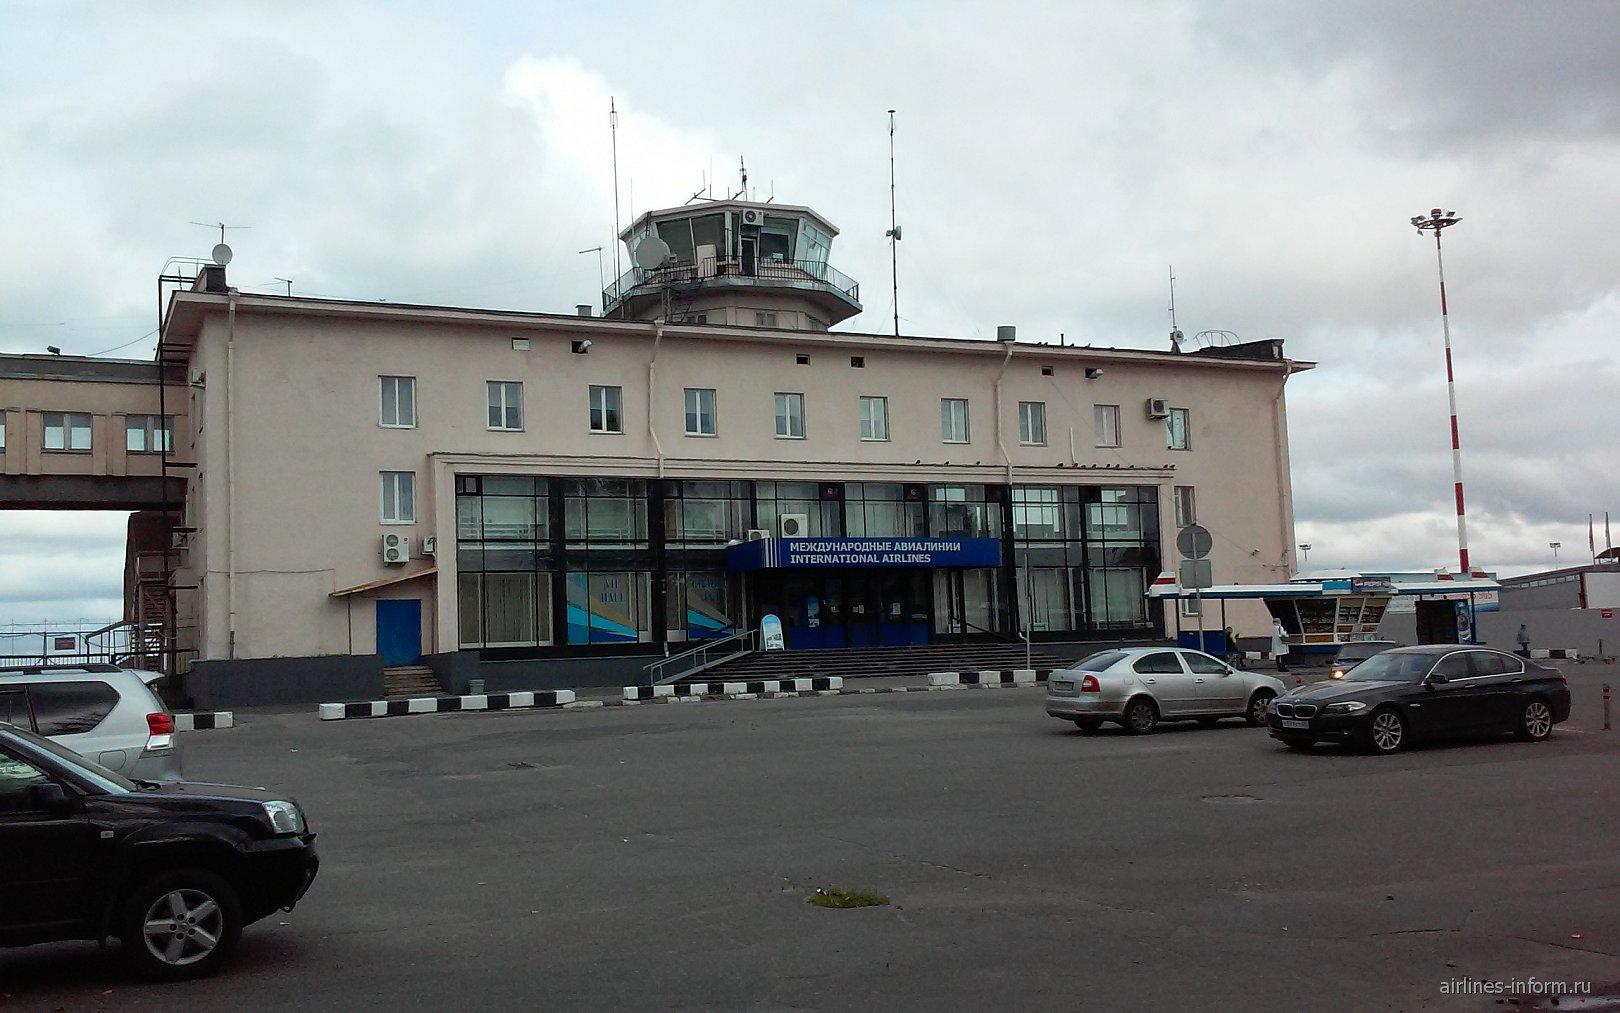 Терминал 2 международных рейсов аэропорта Архангельск Талаги